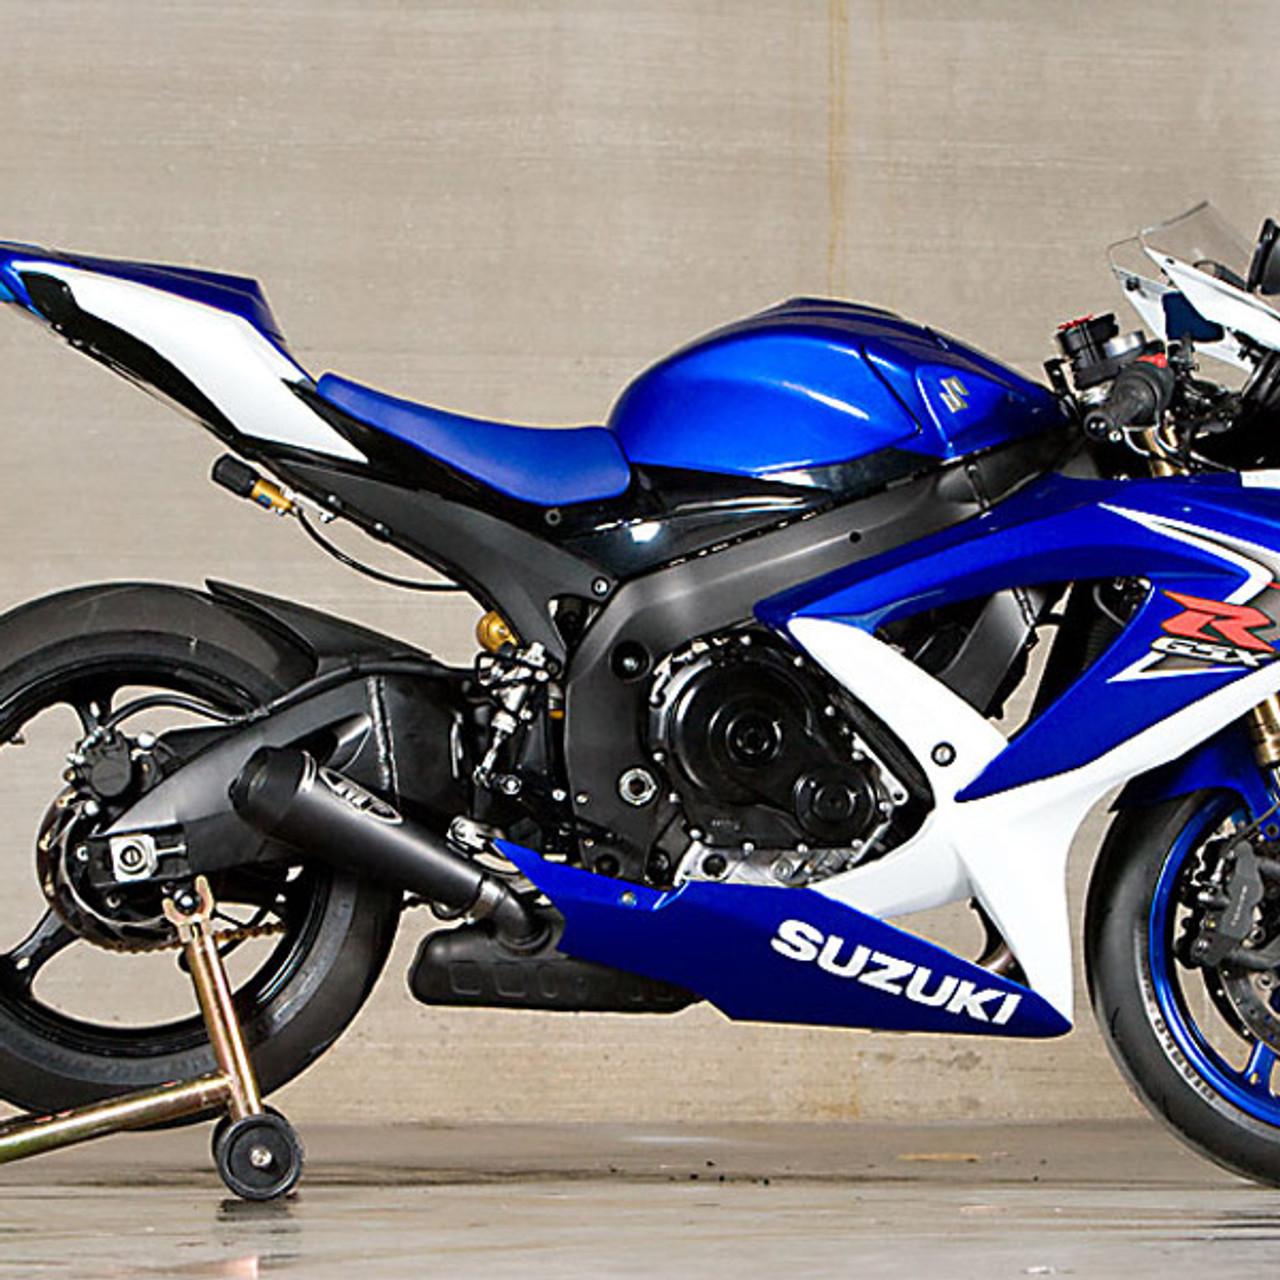 Suzuki Gsxr 600 >> M4 Suzuki Gsx R600 750 08 10 Gp Mount Slip On Exhaust